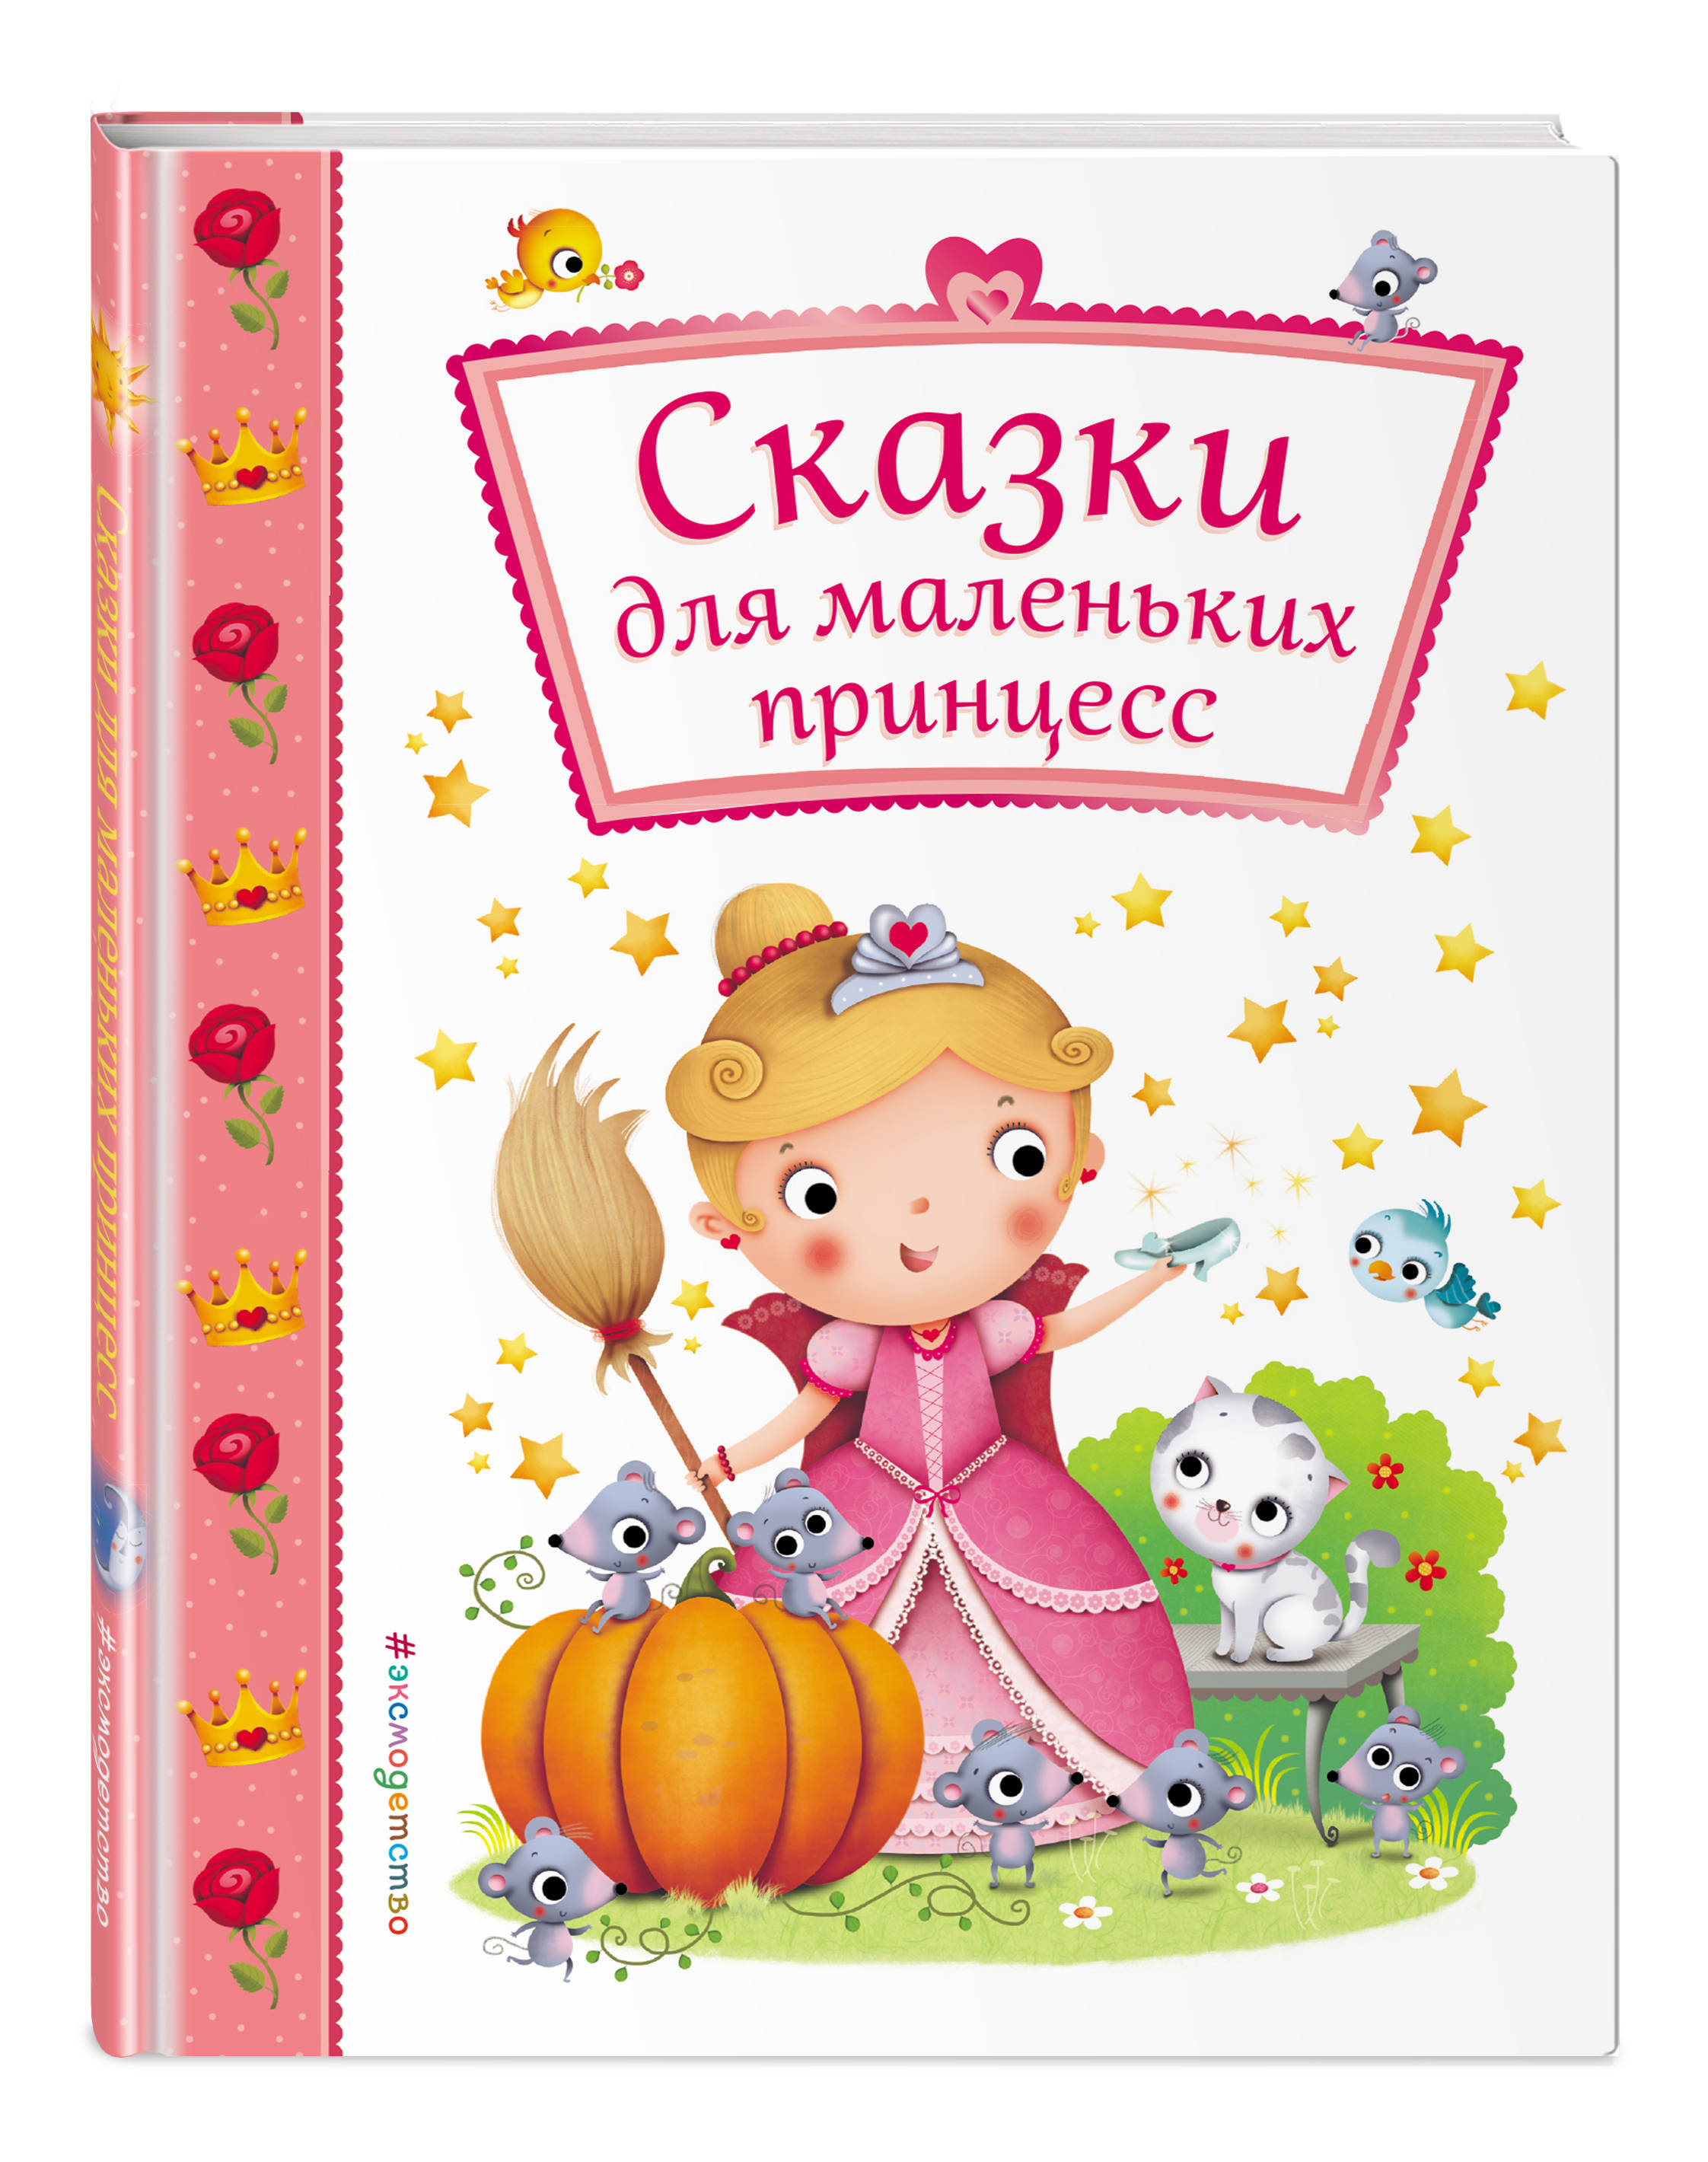 Сказки для маленьких принцесс азбукварик золушка и другие сказки говорящие сказки